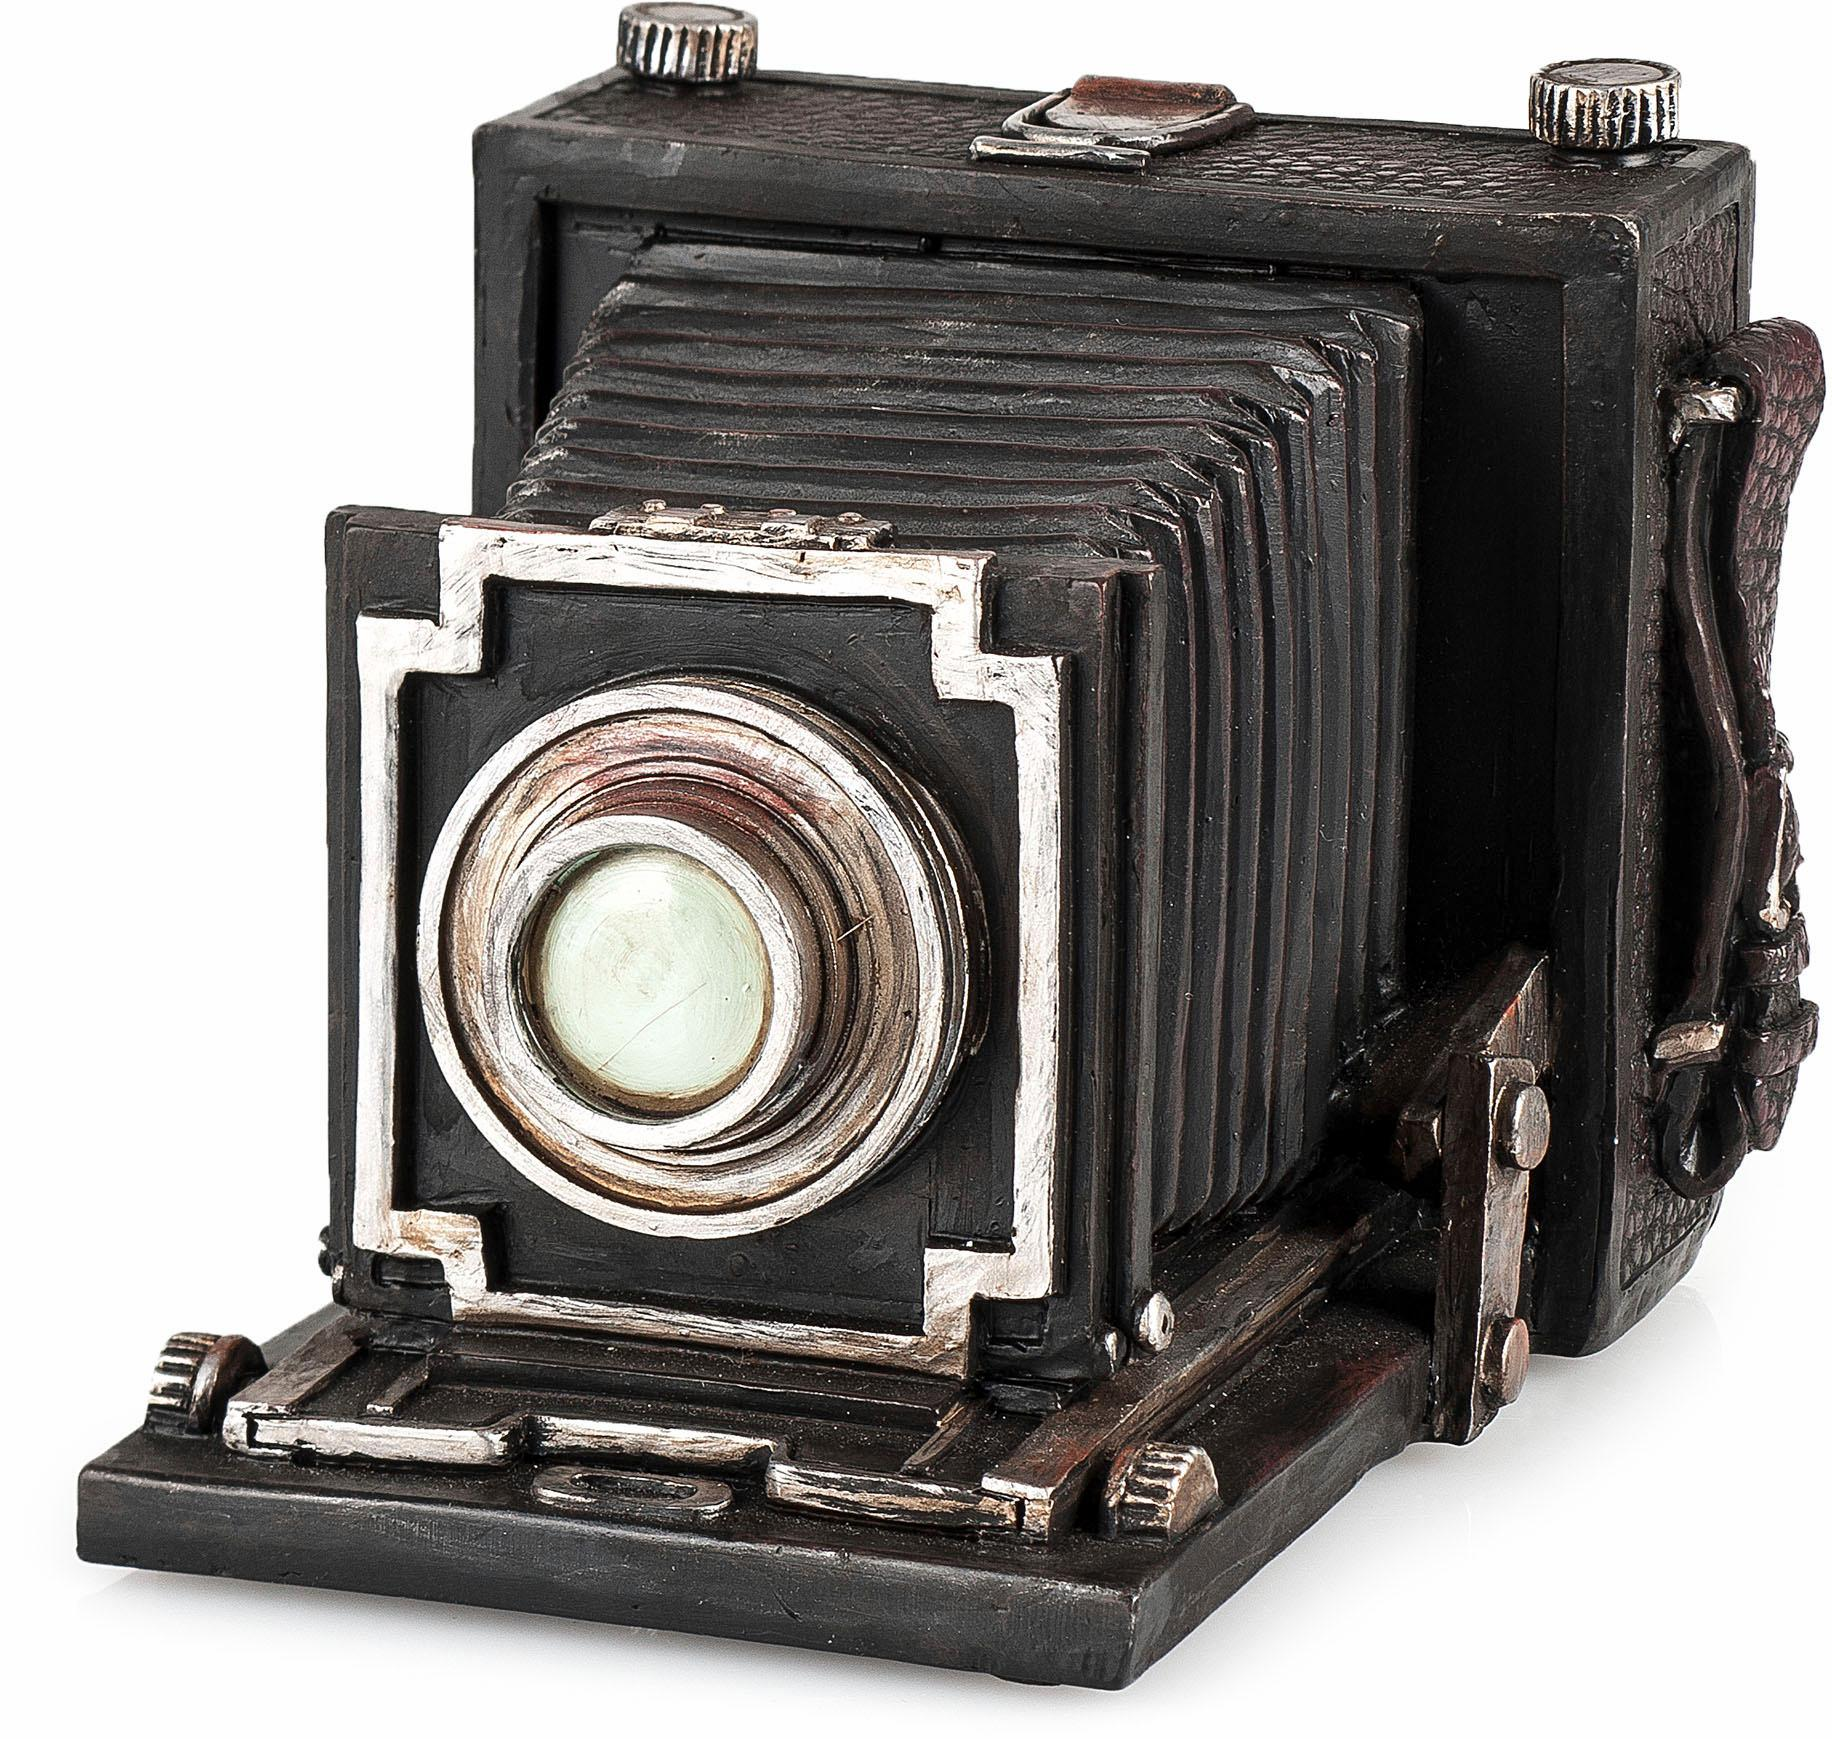 Home affaire Aufbewahrungsbox Fotoapparat, schwarz